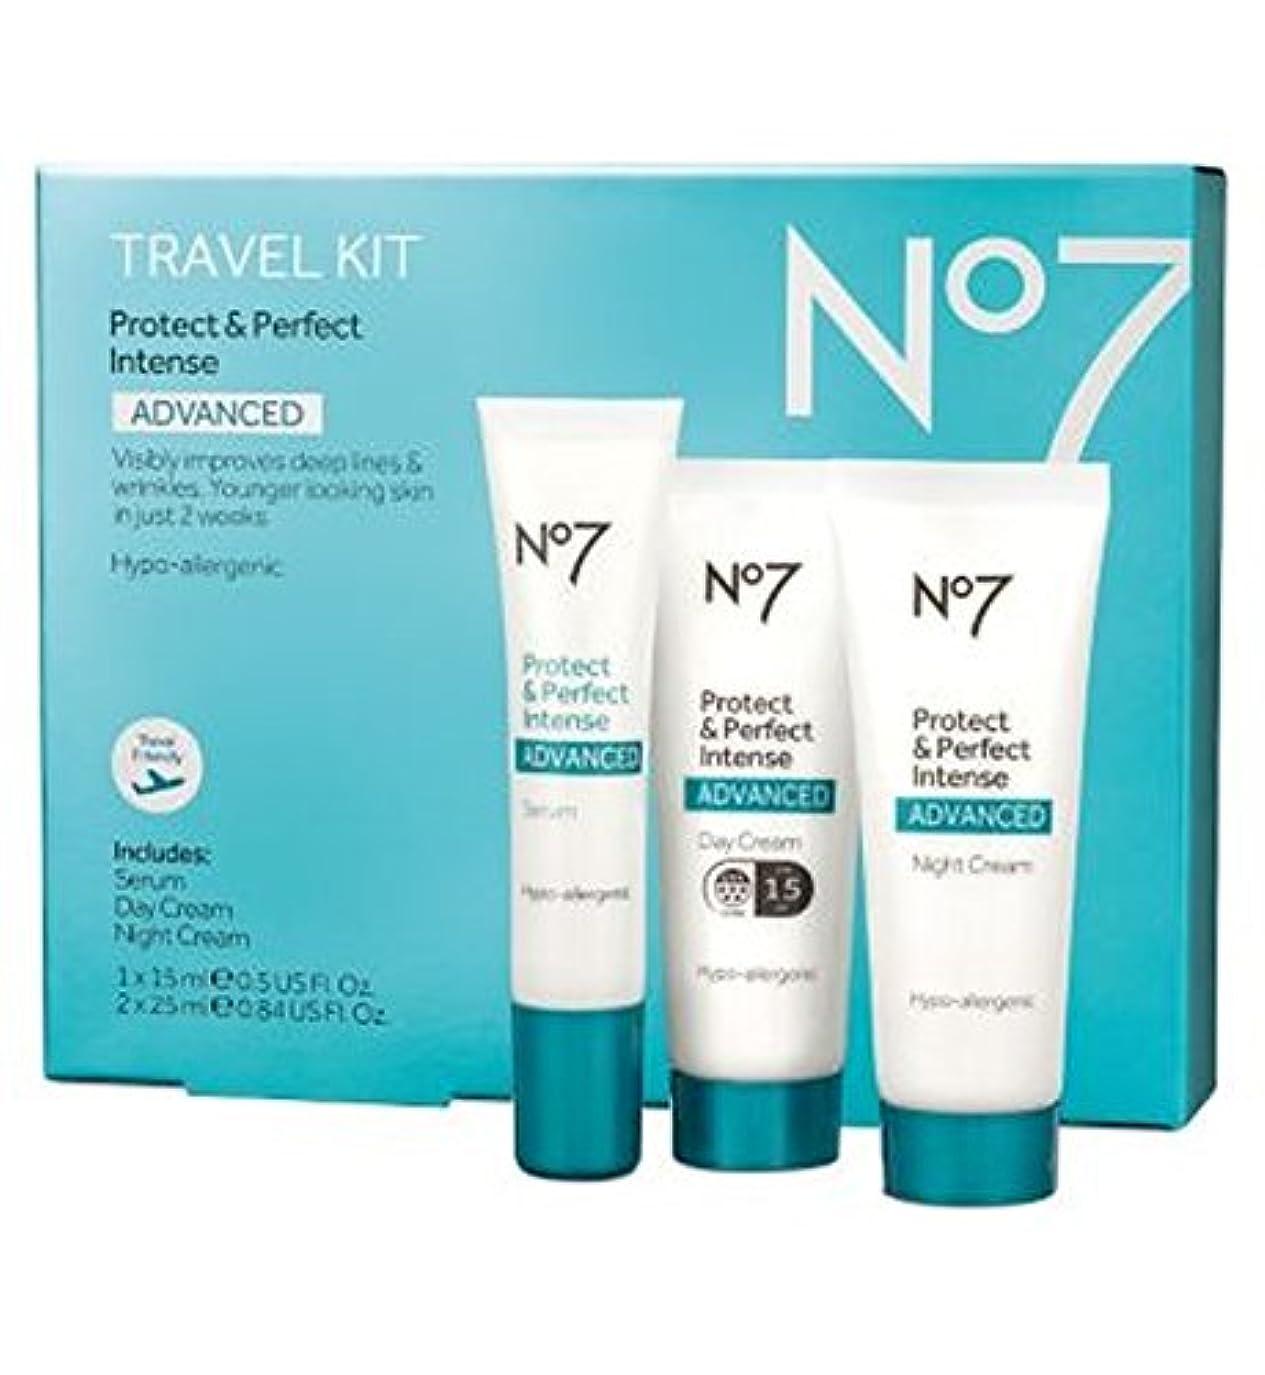 娘境界通行料金No7 Protect & Perfect Intense ADVANCED Travel Kit - No7保護&完璧な強烈な高度な旅行キット (No7) [並行輸入品]